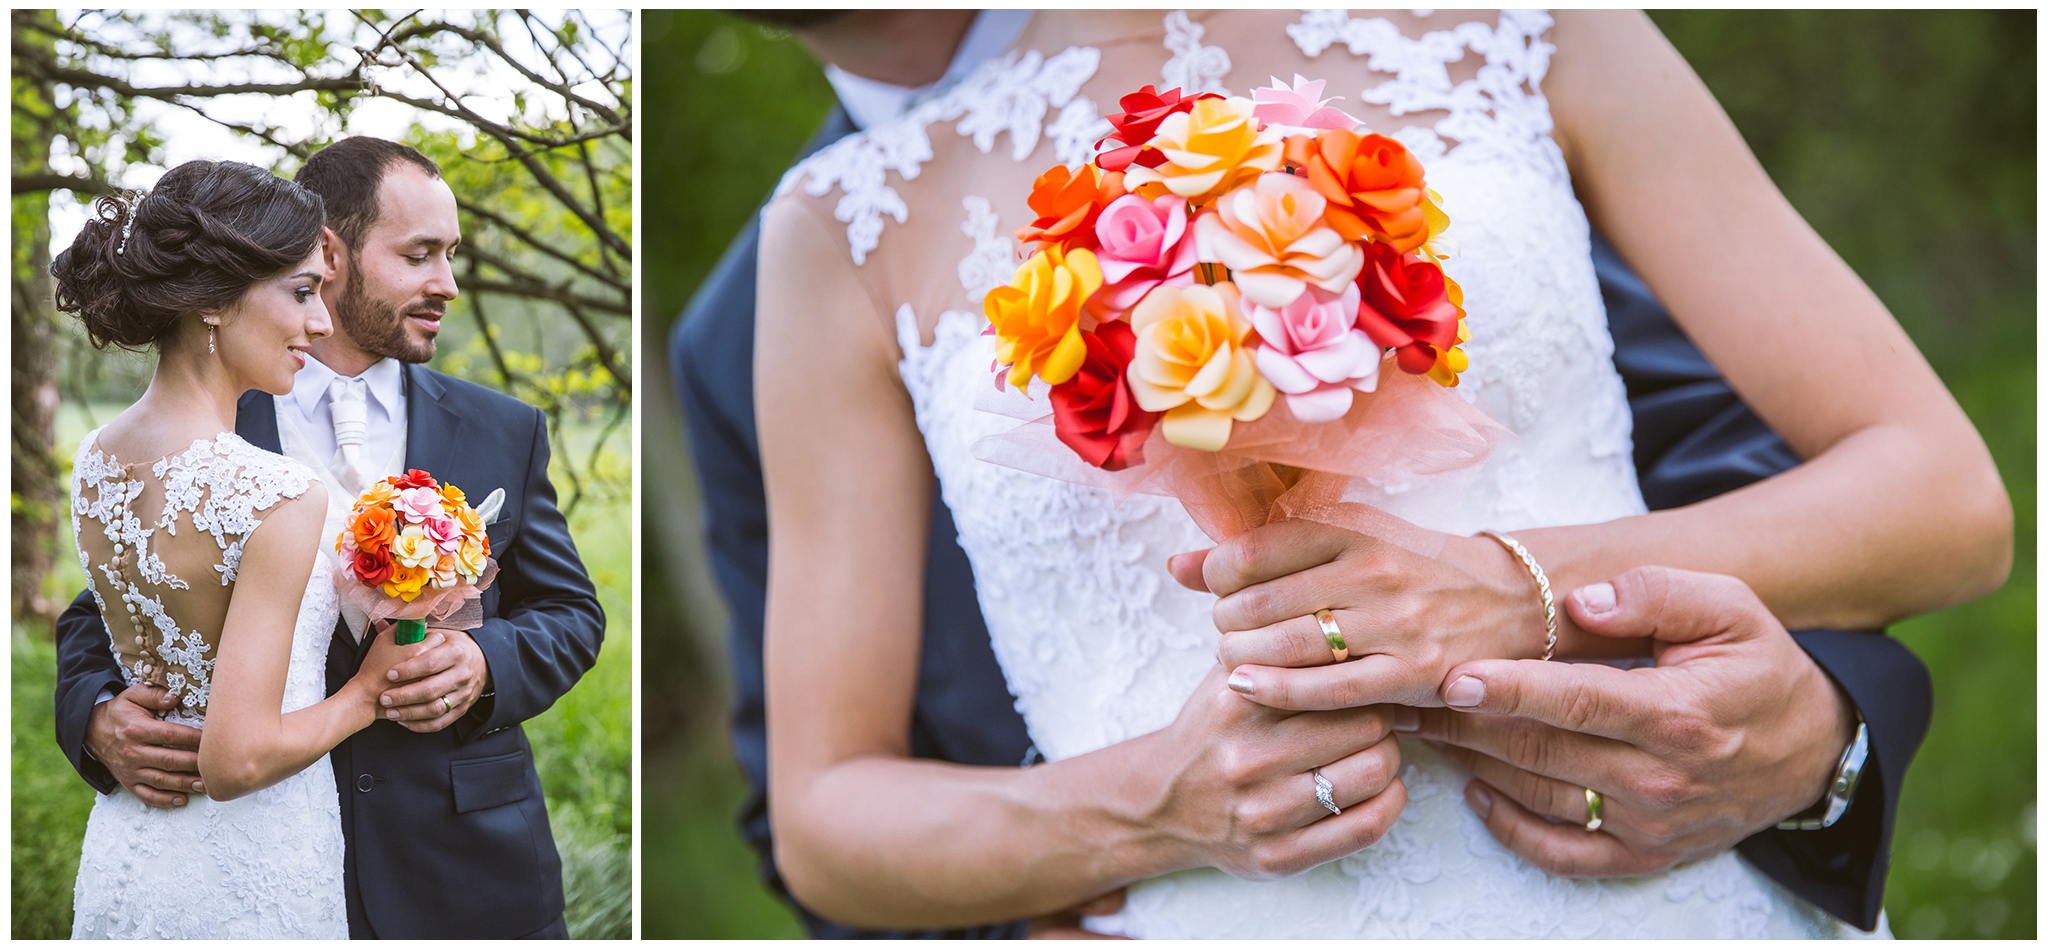 FylepPhoto, esküvőfotós, esküvői fotós Körmend, Szombathely, esküvőfotózás, magyarország, vas megye, prémium, jegyesfotózás, Fülöp Péter, körmend, kreatív, fotográfus_002.jpg